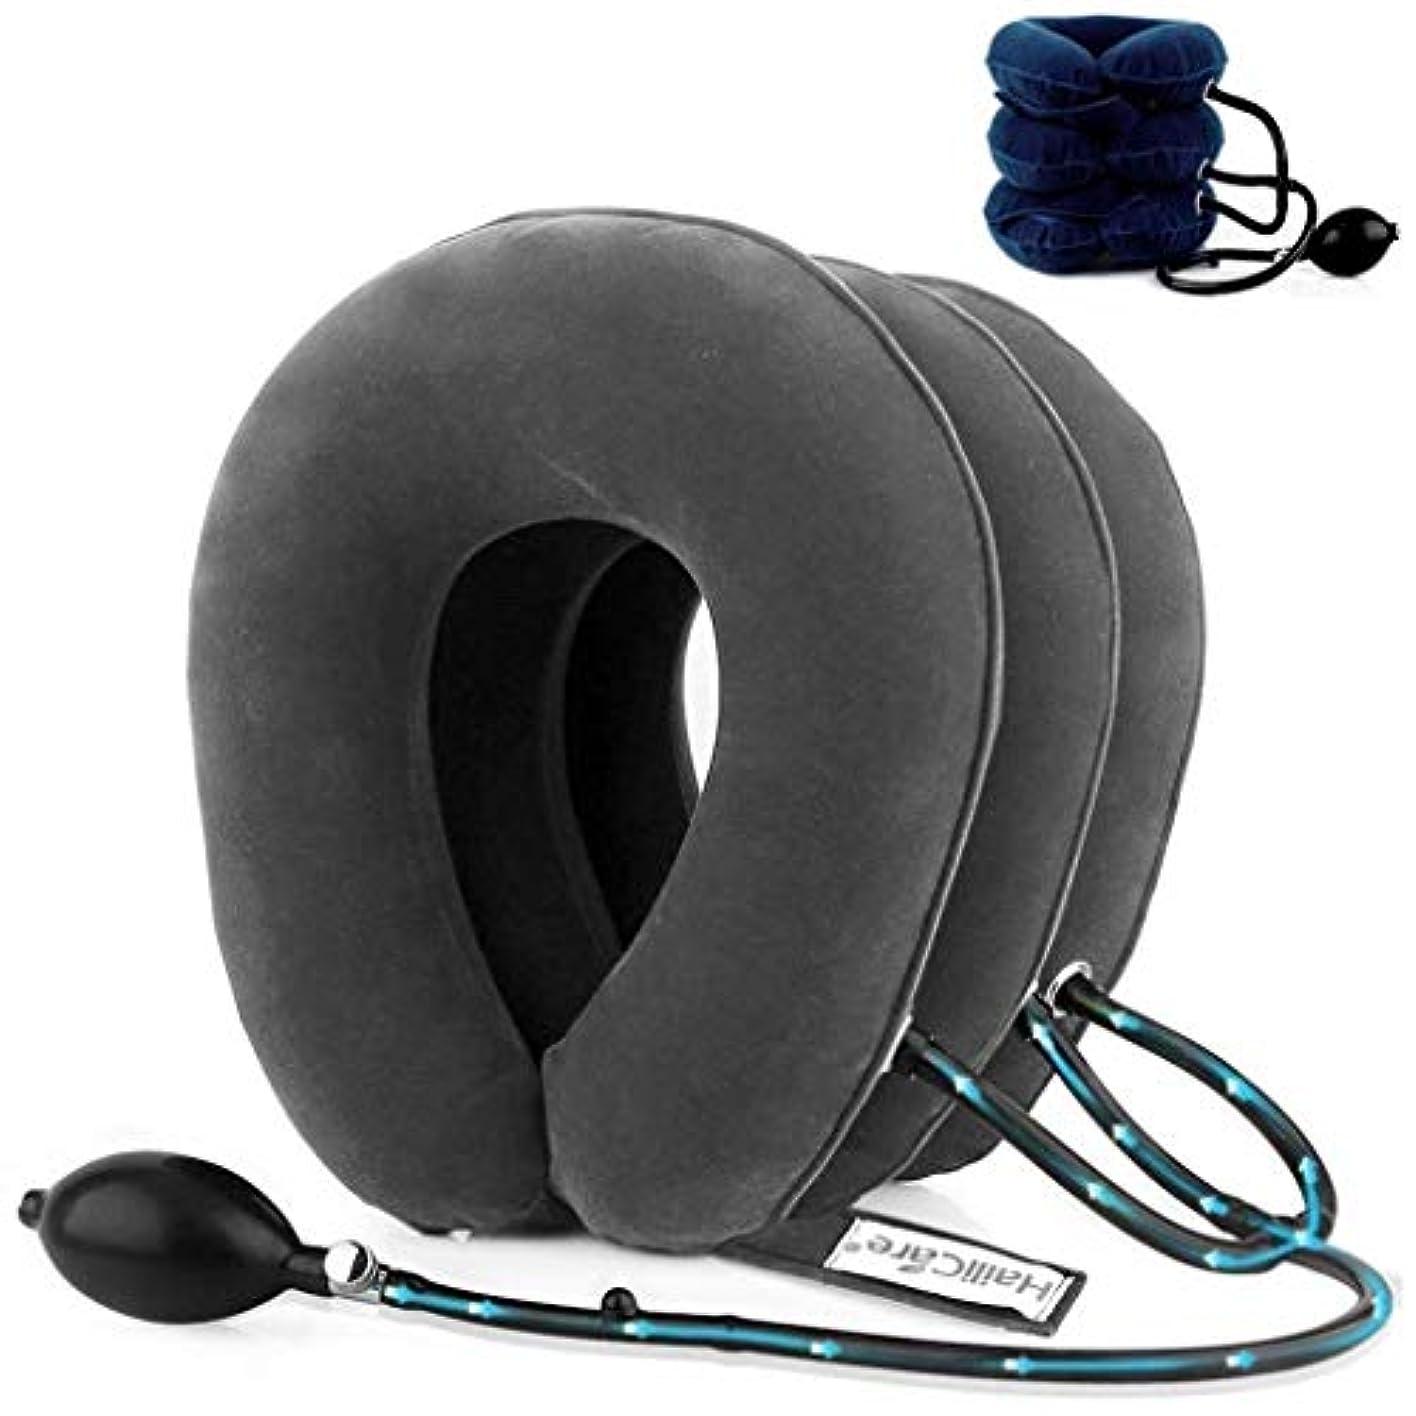 開業医衰える症候群首のマッサージャー、膨脹可能なマッサージの首の枕、頚部牽引装置、背部/肩の首のマッサージャー、ヘルスケア、苦痛救助/圧力 (Color : Gray)